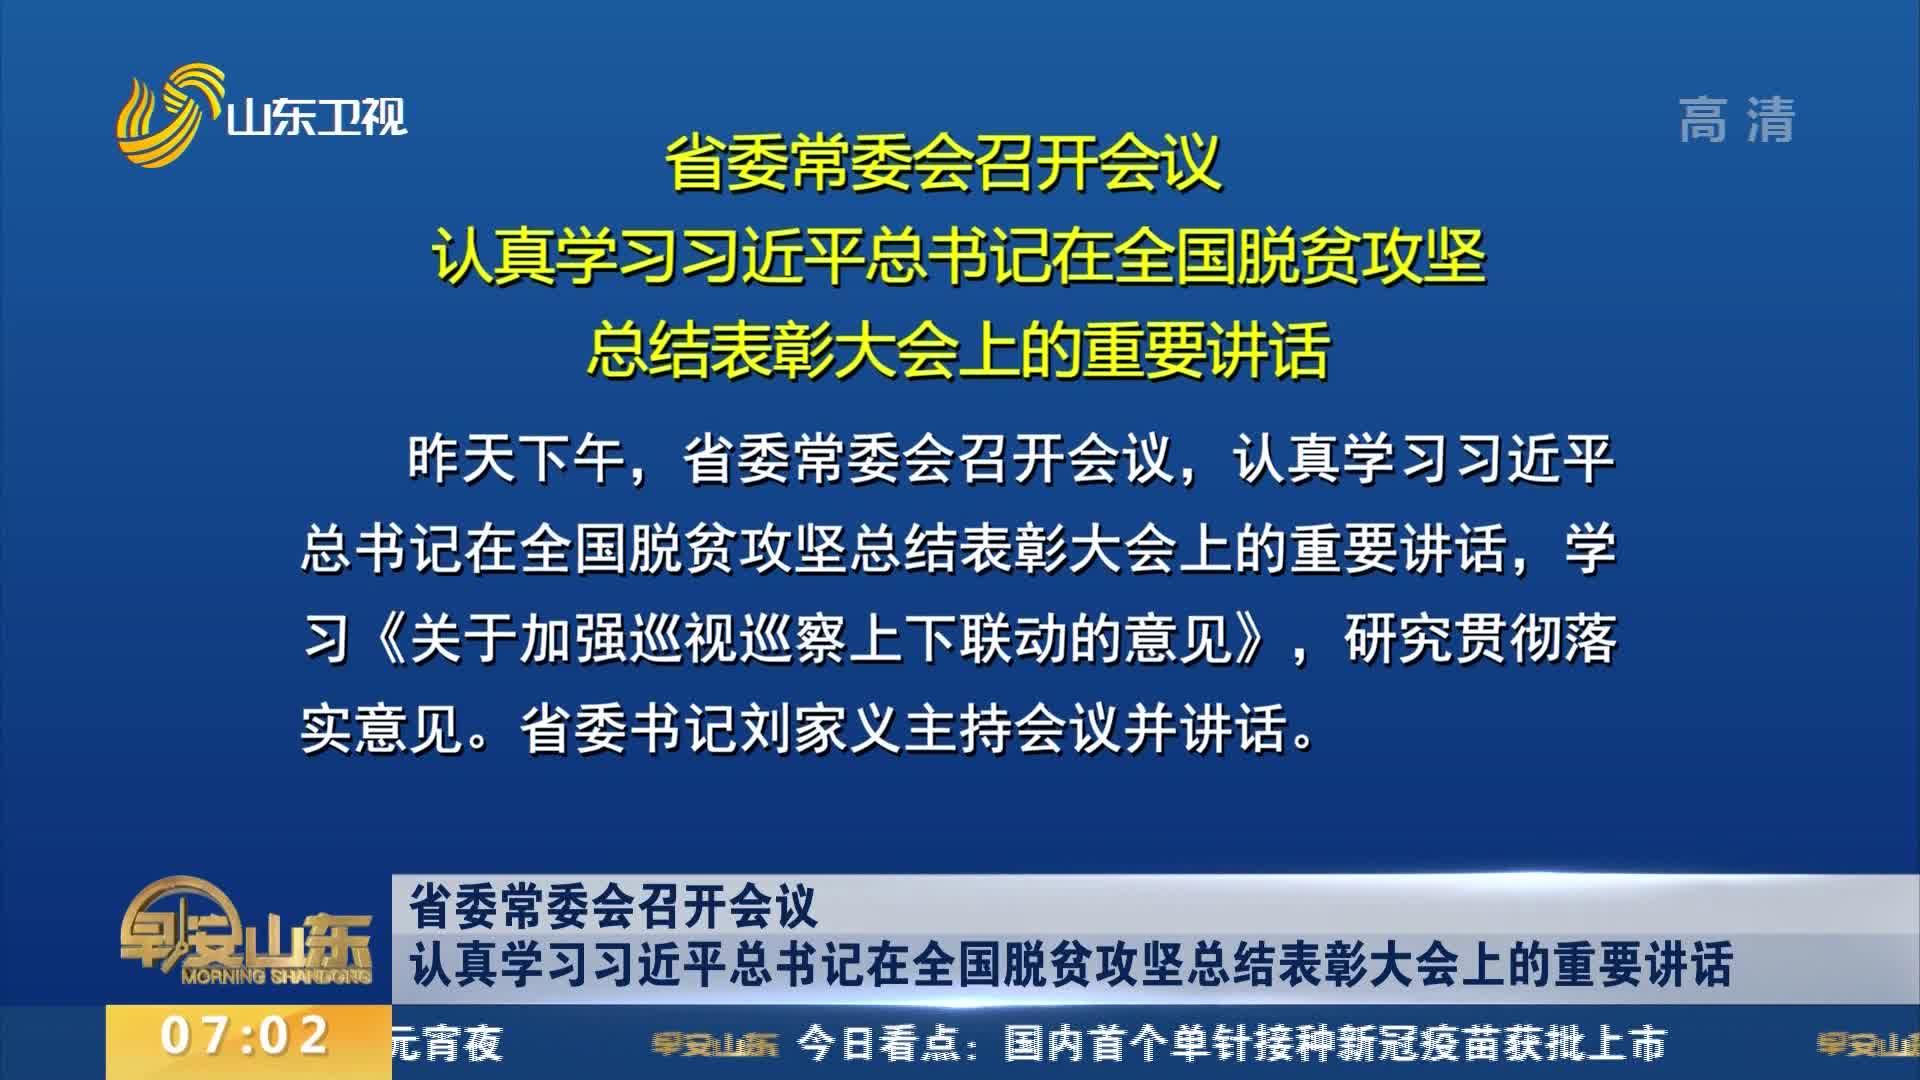 省委常委会召开会议 认真学习习近平总书记在全国脱贫攻坚总结表彰大会上的重要讲话